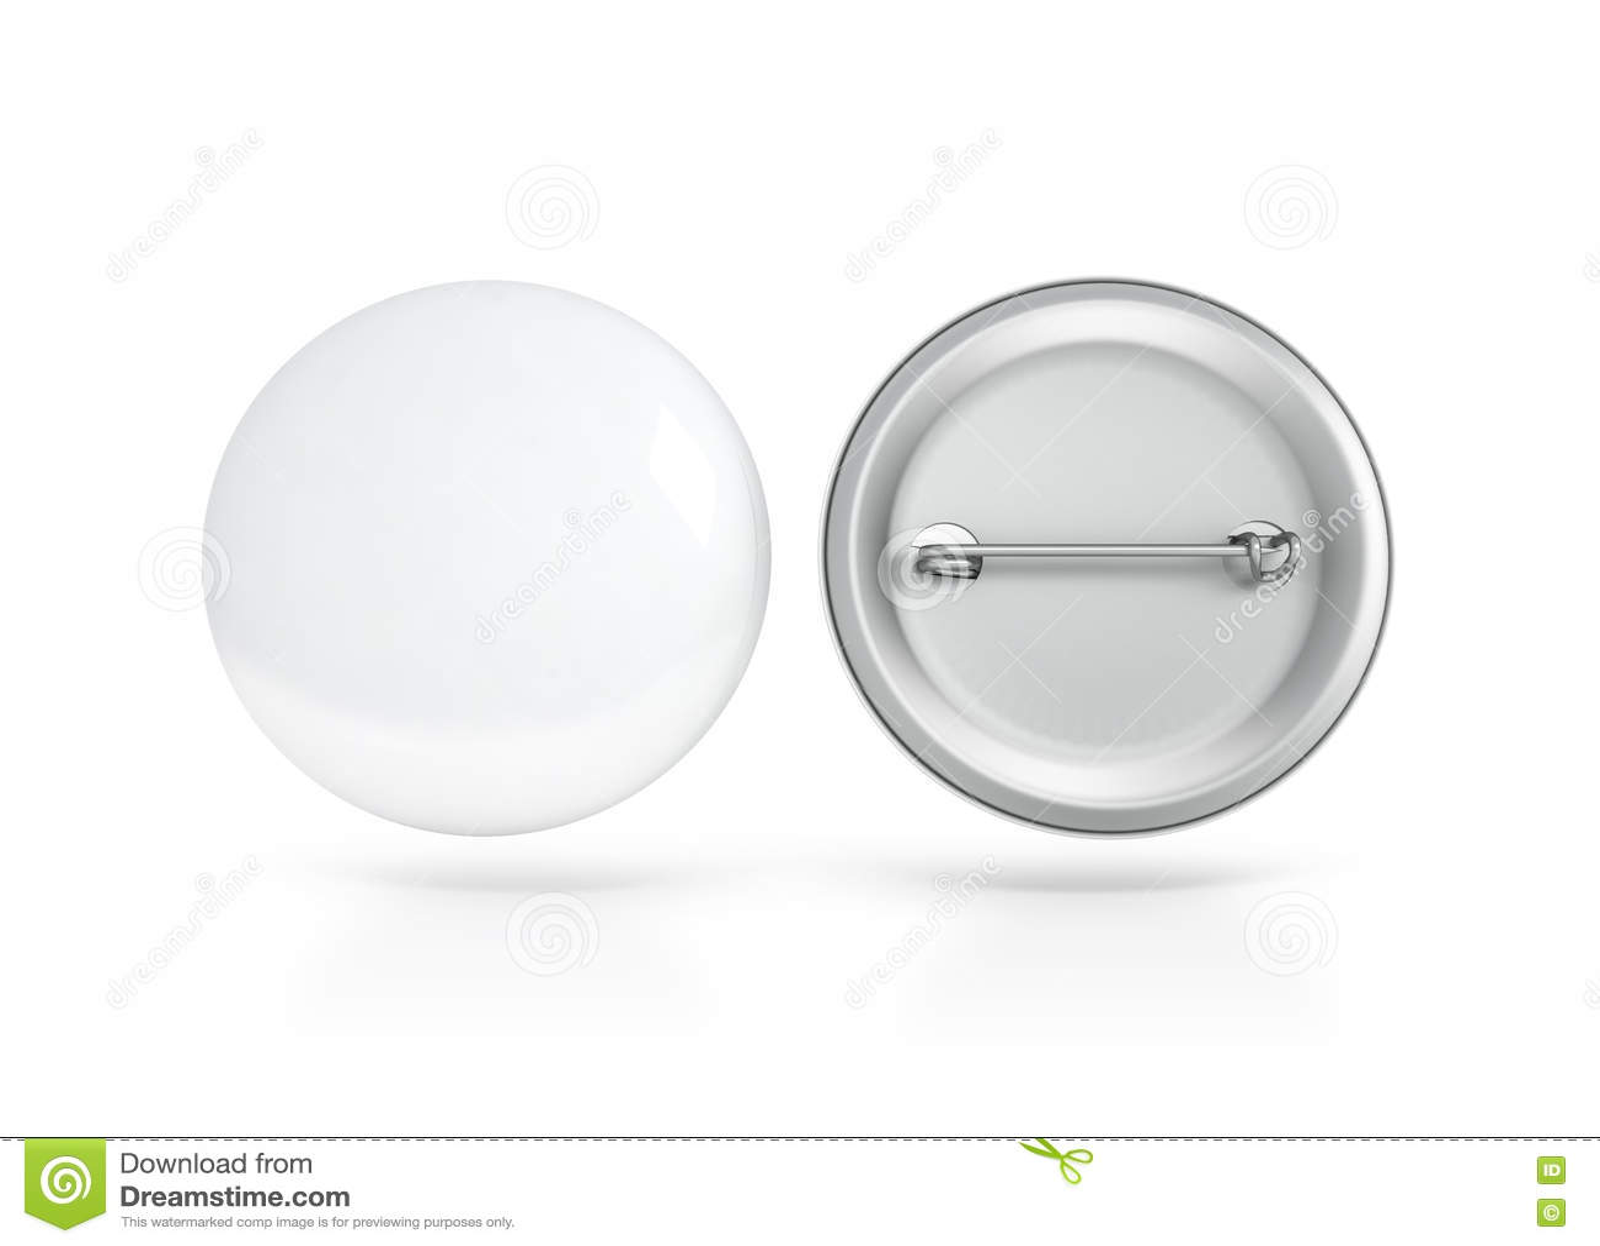 Lado blanco en blanco de la maqueta de la insignia del botón, delantero y trasero, trayectoria de recortes